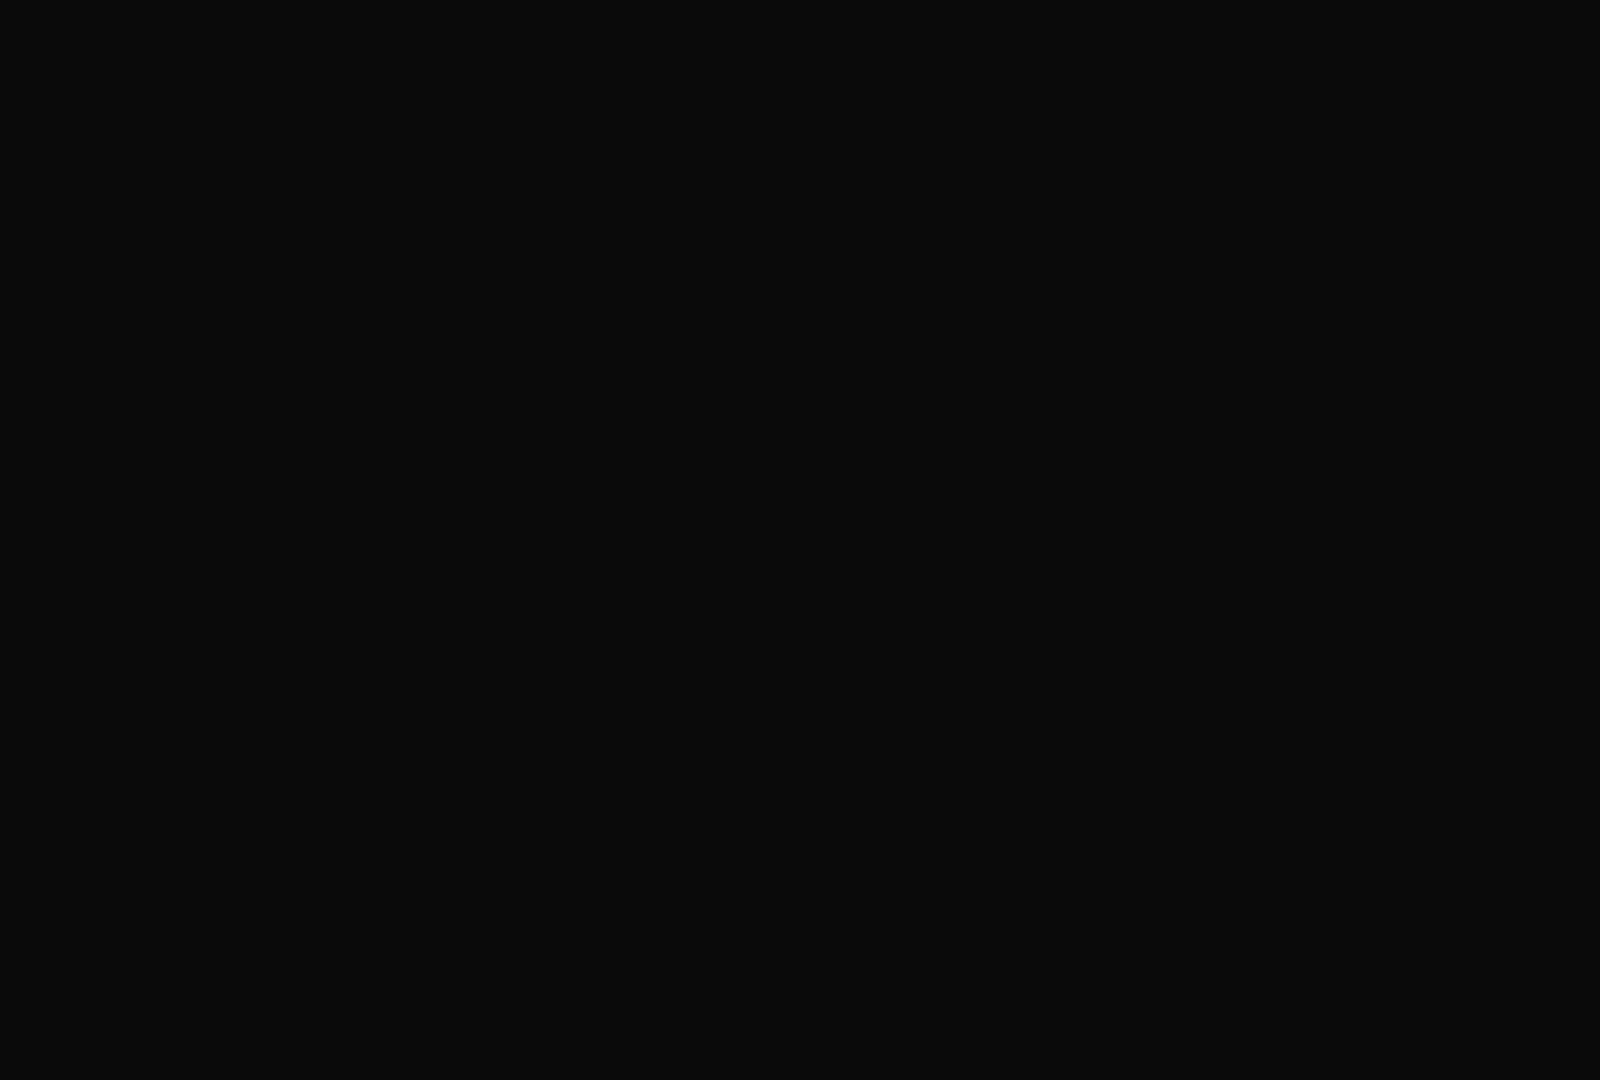 充血監督の深夜の運動会Vol.113 カップル盗撮 アダルト動画キャプチャ 81画像 38